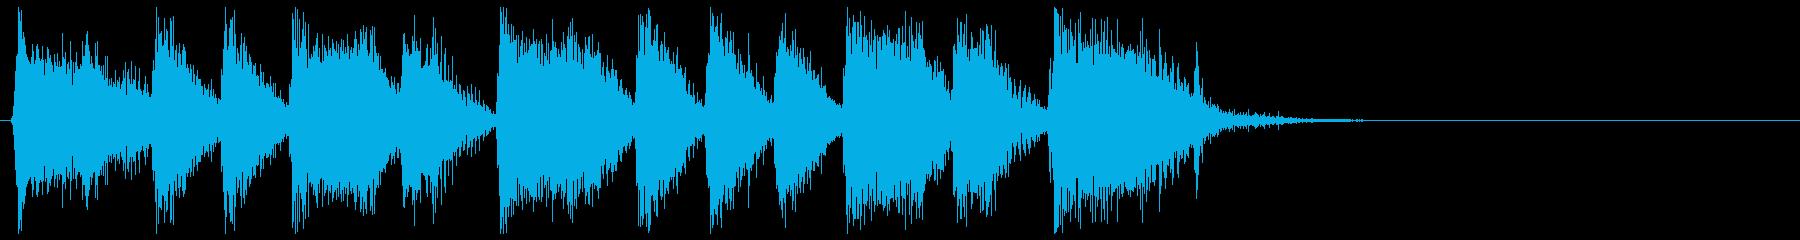 華やか疾走感 ビッグバンドジャズジングルの再生済みの波形